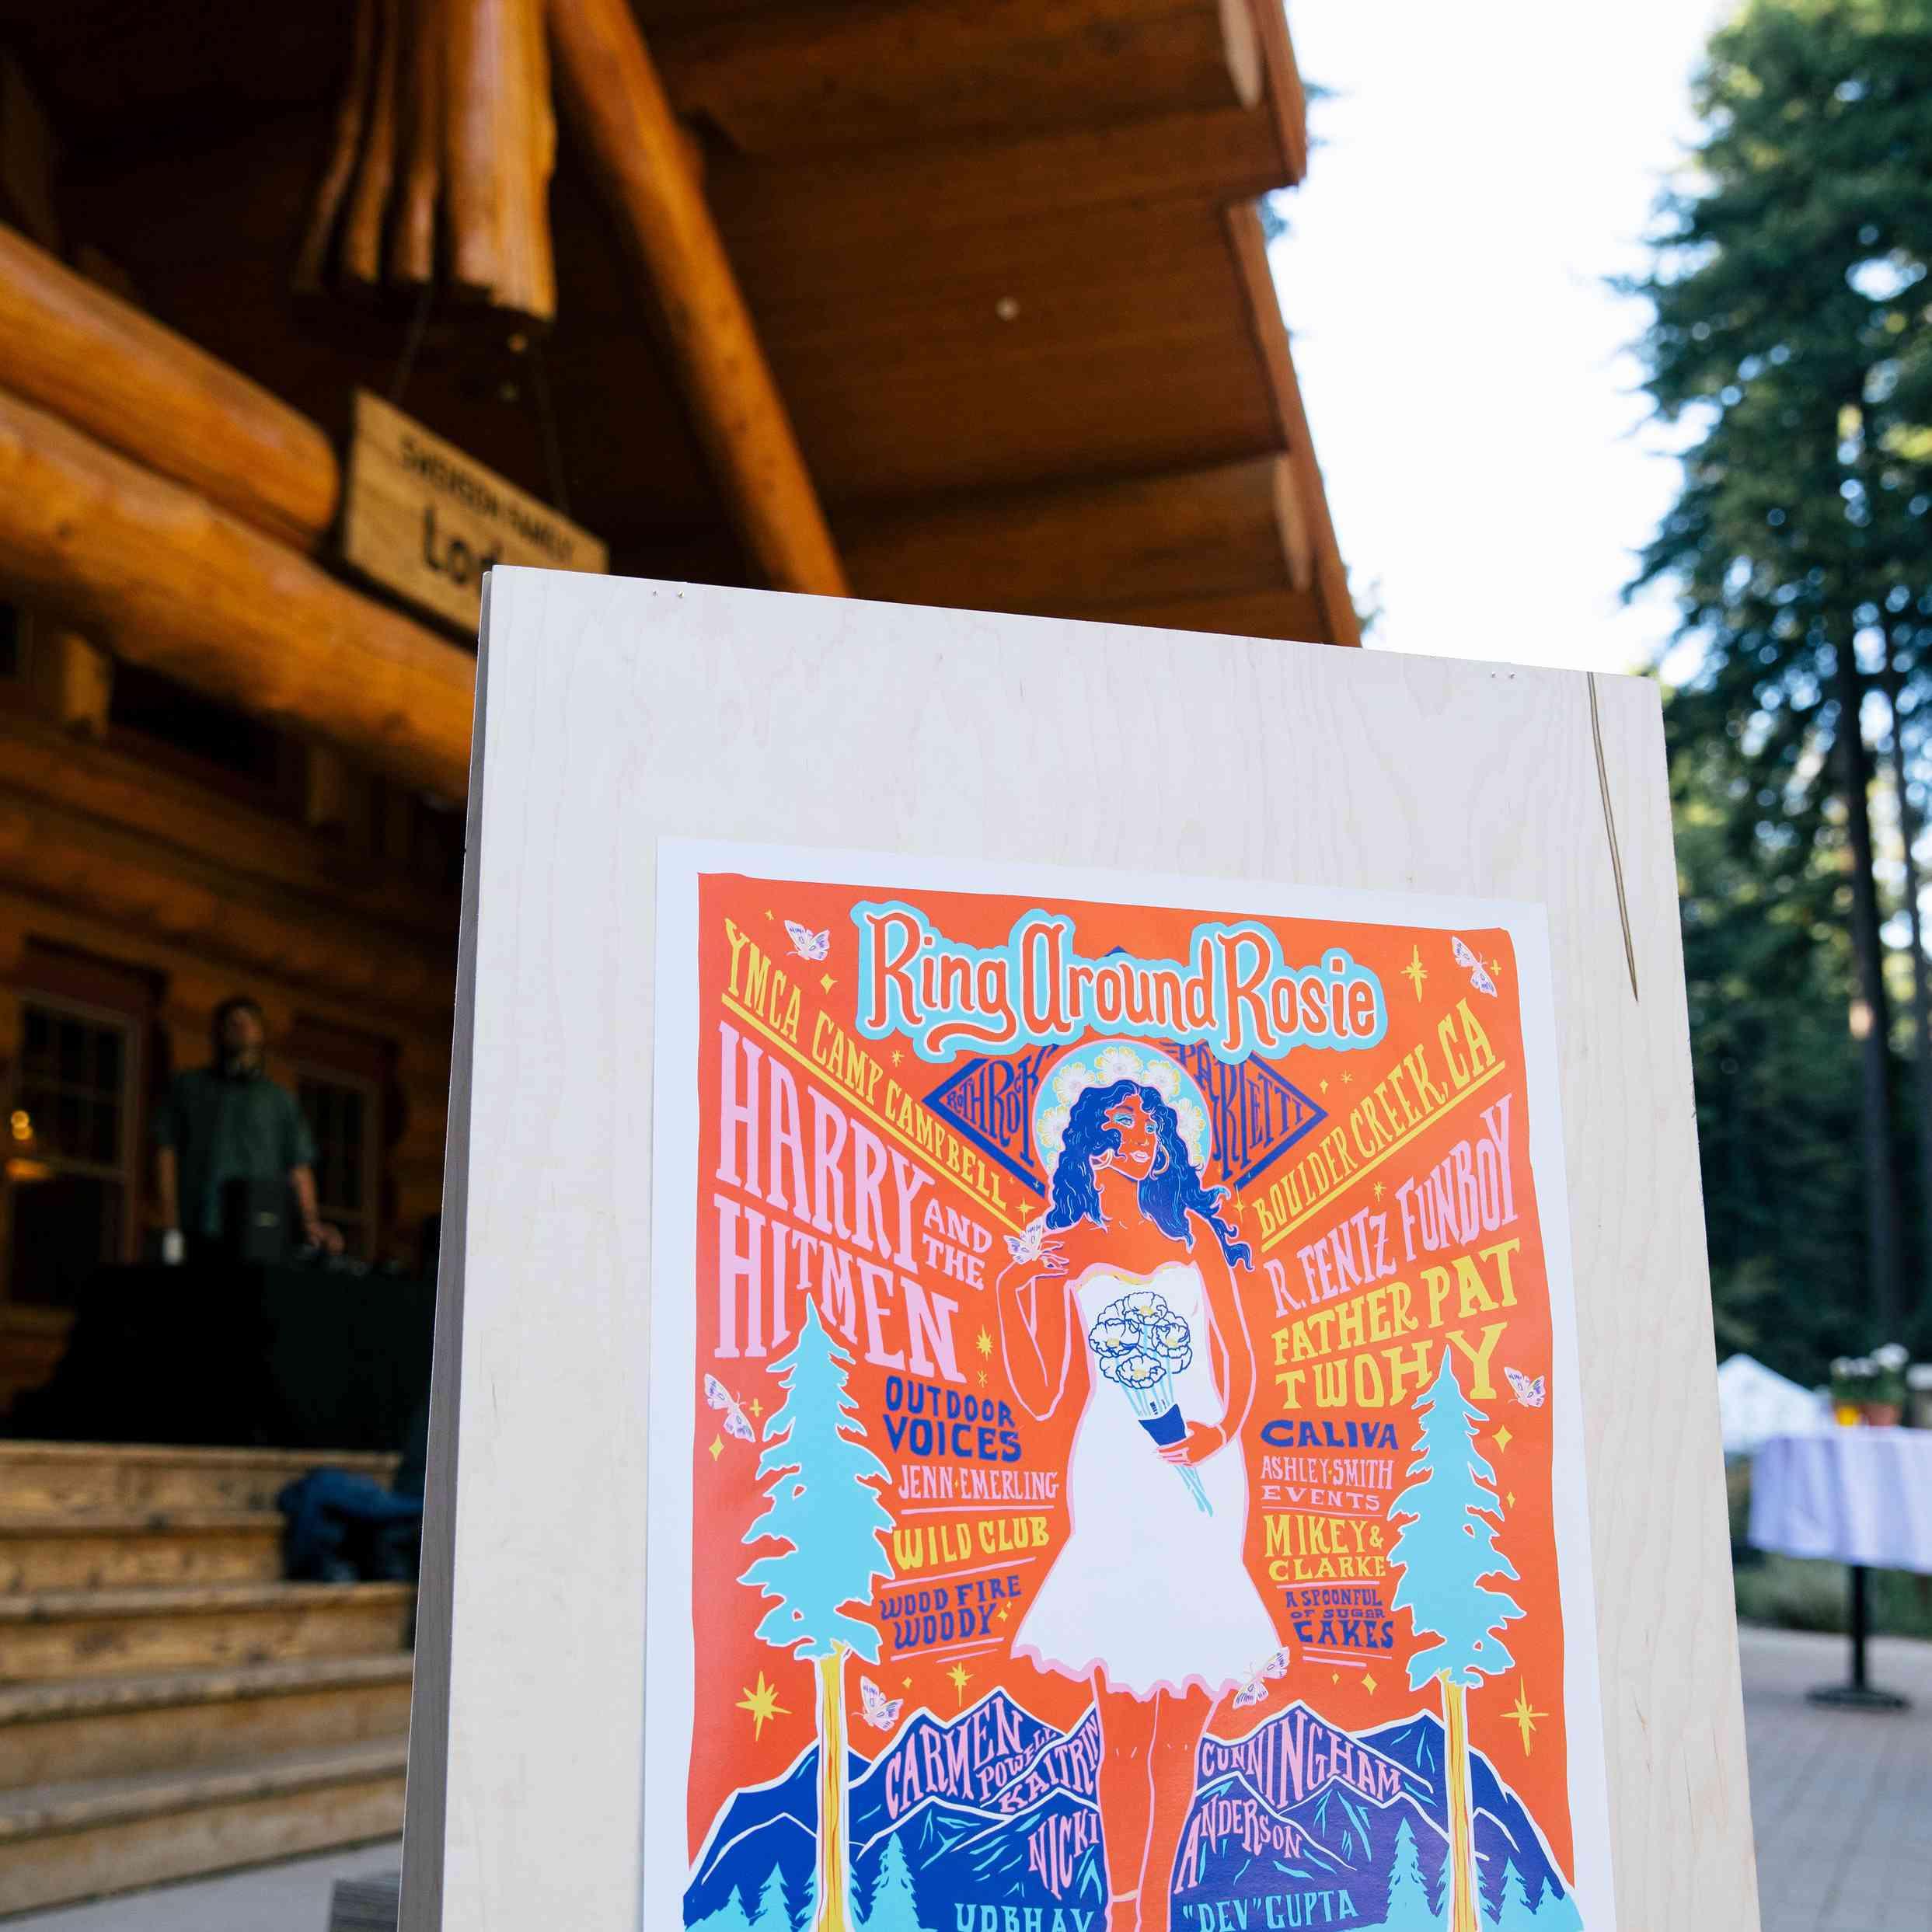 Key West Wedding Ideas: 18 Creative Ideas For Your 2020 Wedding